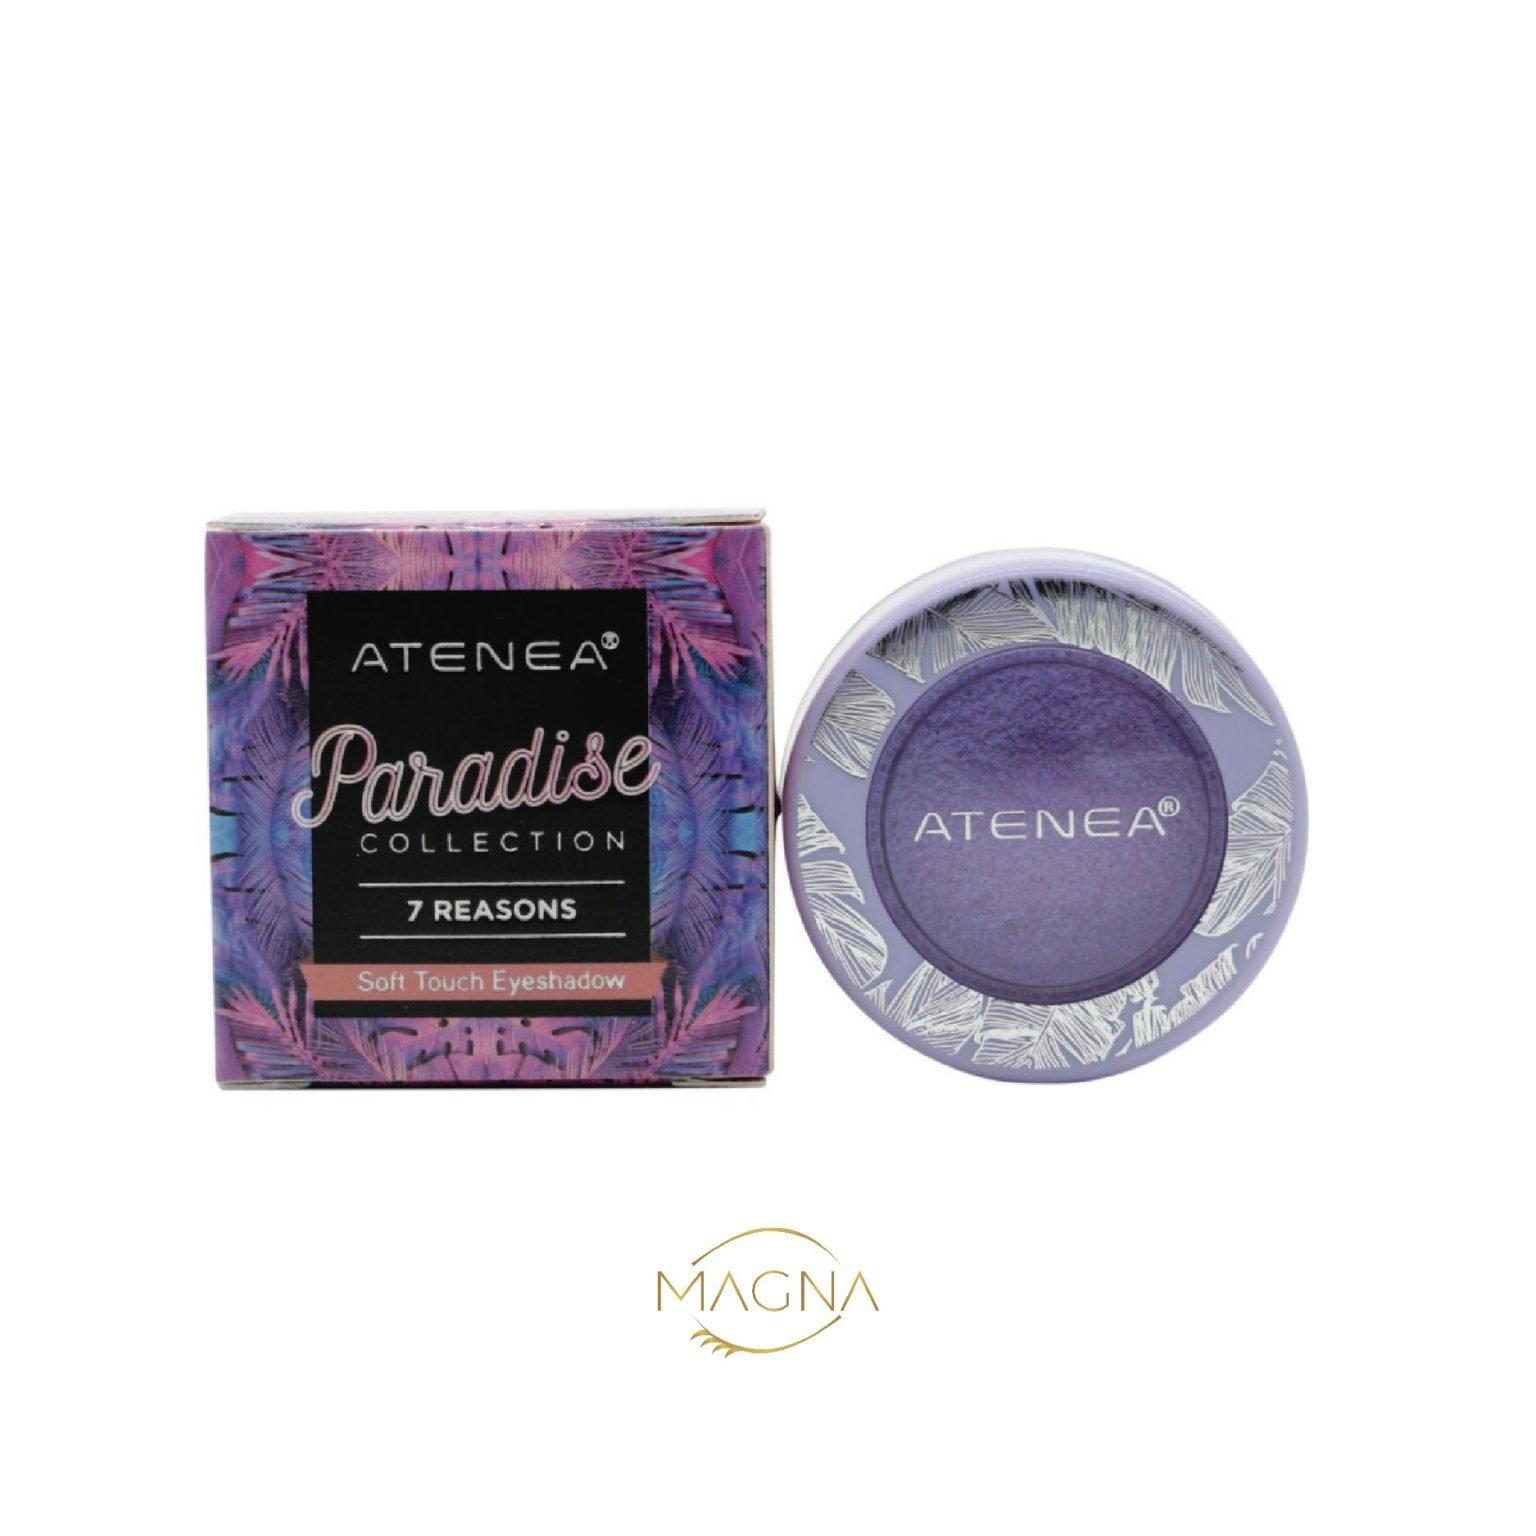 Kit de brochas Kit Naked x 14 pcs K18 Atenea - Magna Cosmetics